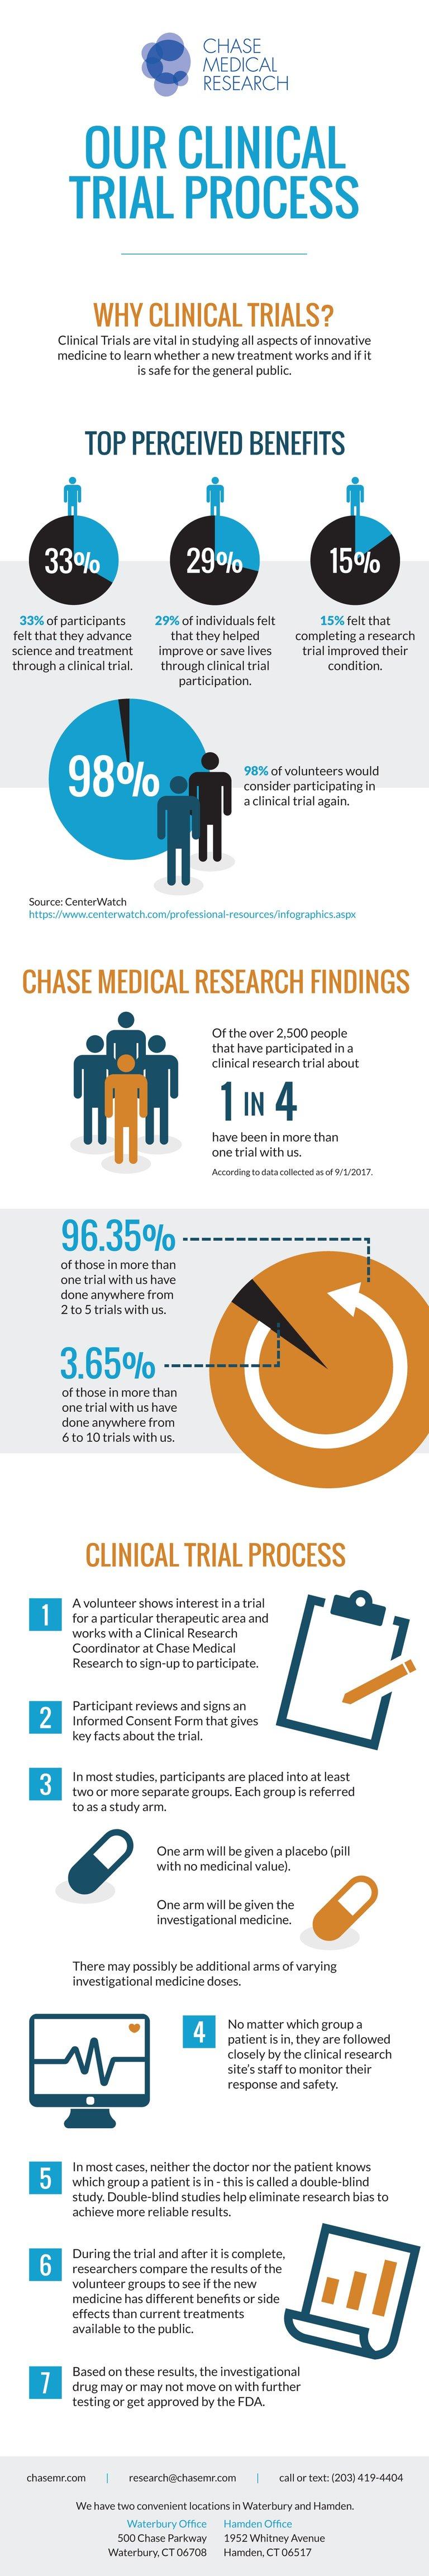 ChaseMR_CT-infographic_v4 (1) (2).jpg